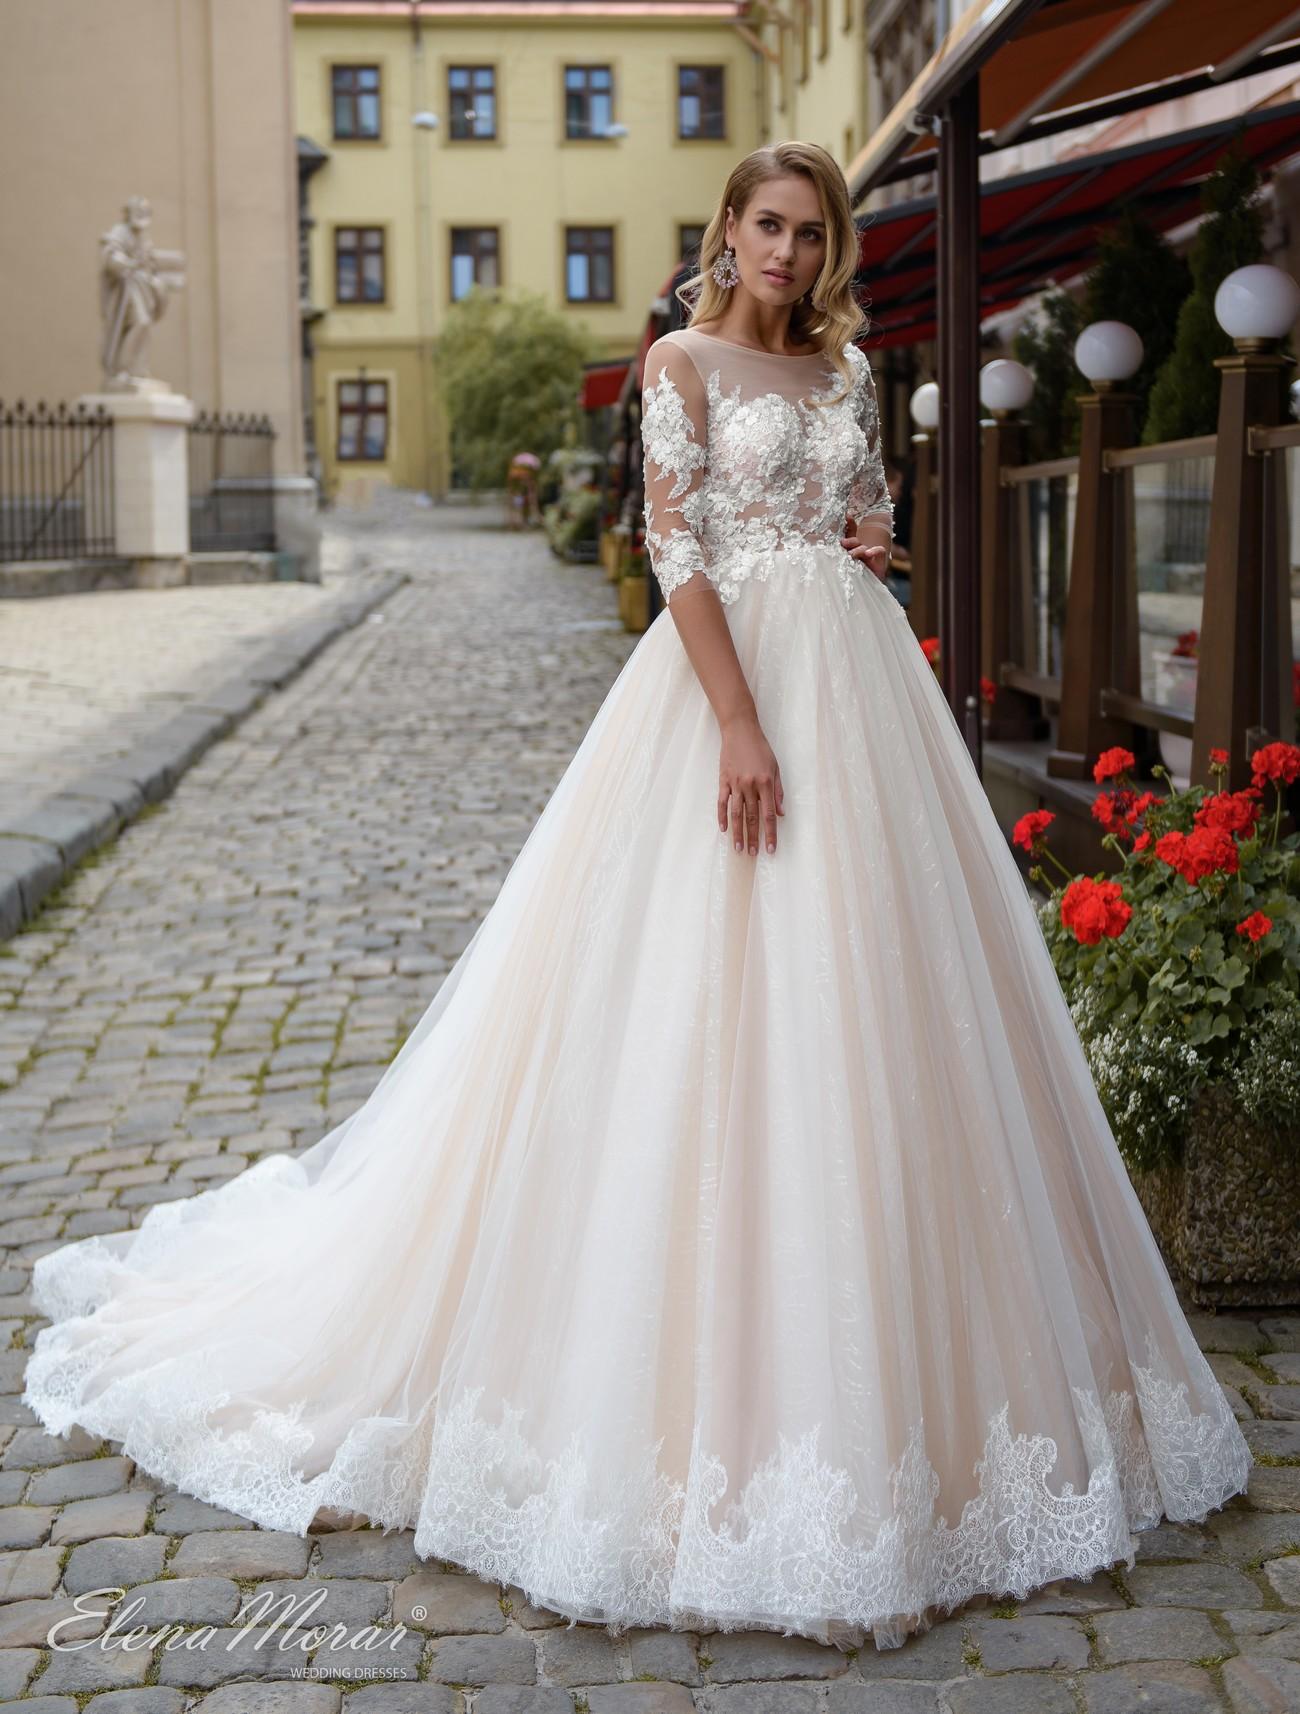 european wedding dress designers off 20   medpharmres.com